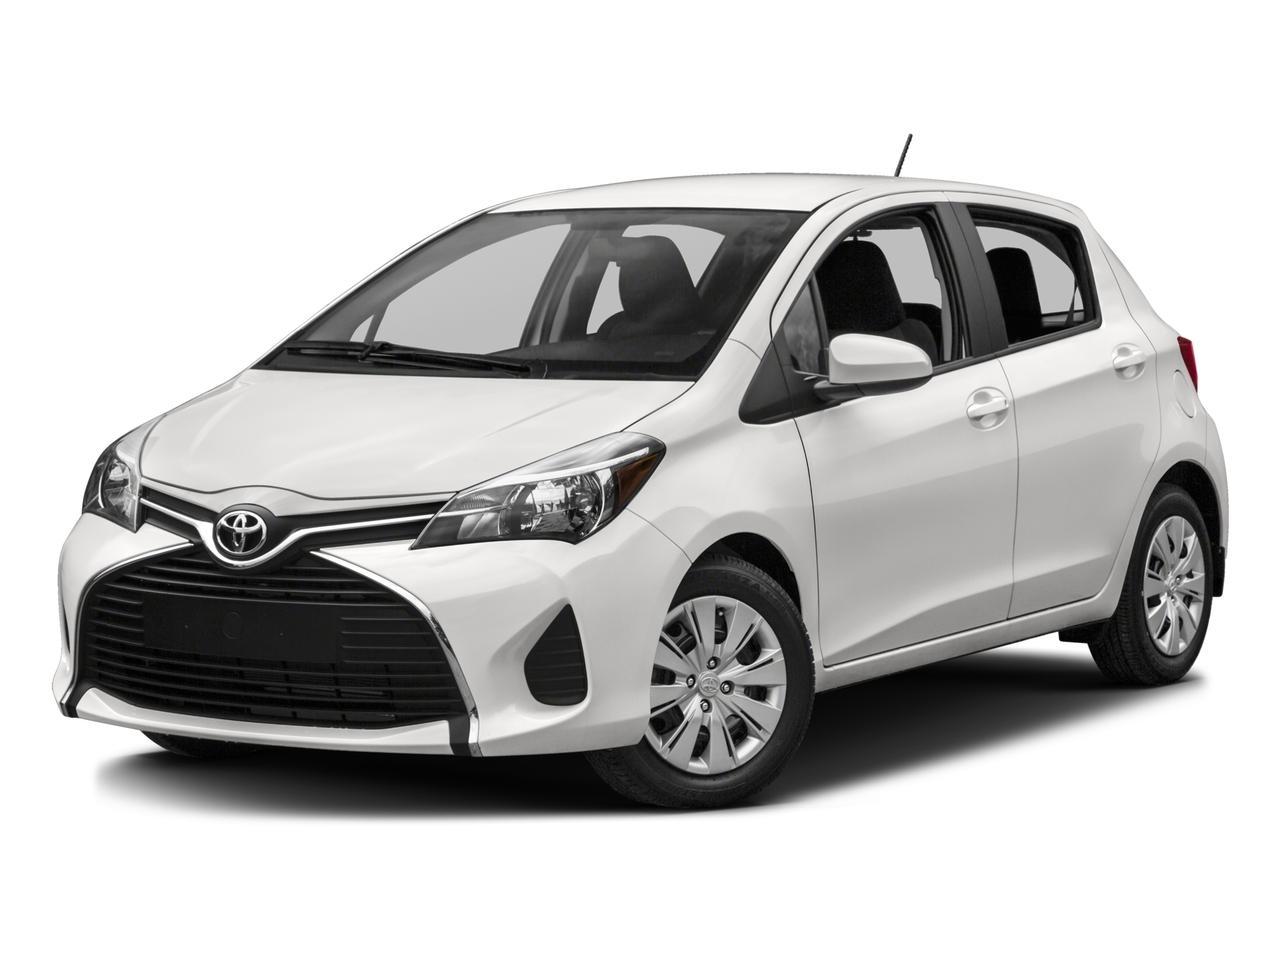 2016 Toyota Yaris Vehicle Photo in Prescott, AZ 86305